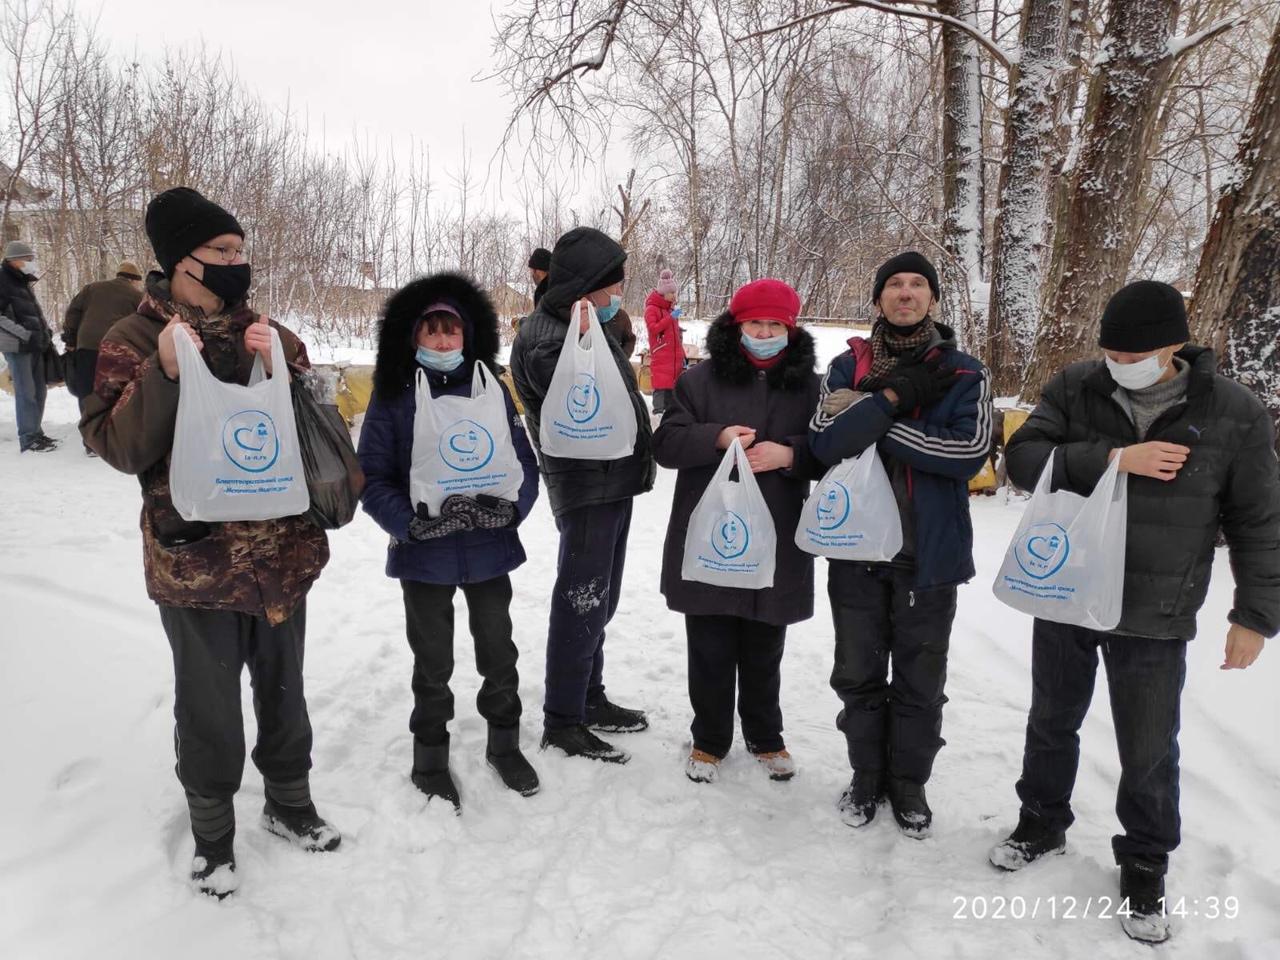 Пережить бы зиму... Репортаж с места кормления бездомных людей